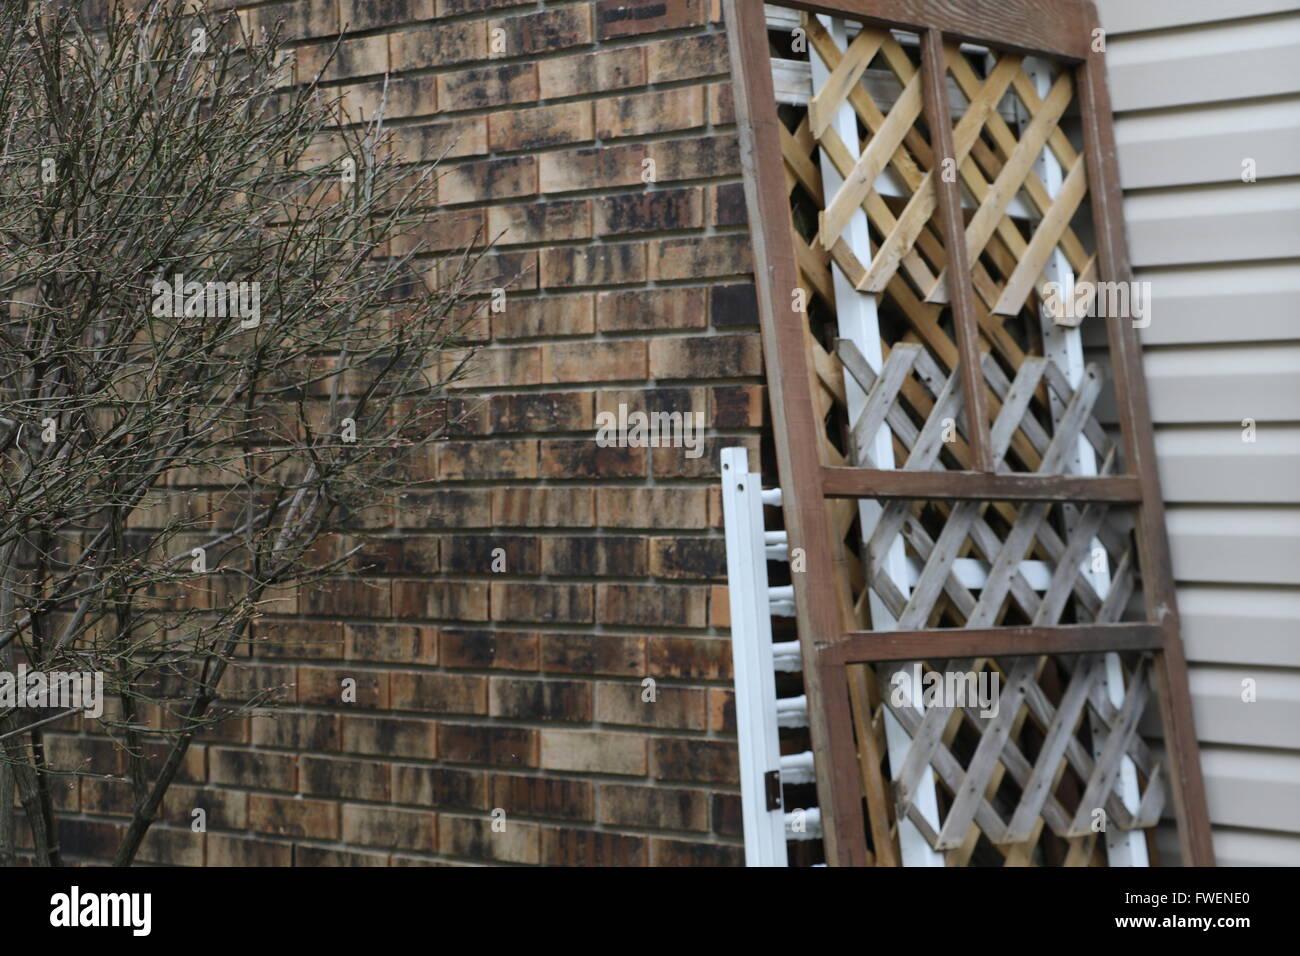 Paneles de madera entrecruzadas se inclina contra una casa con paredes de ladrillo en invierno. Imagen De Stock